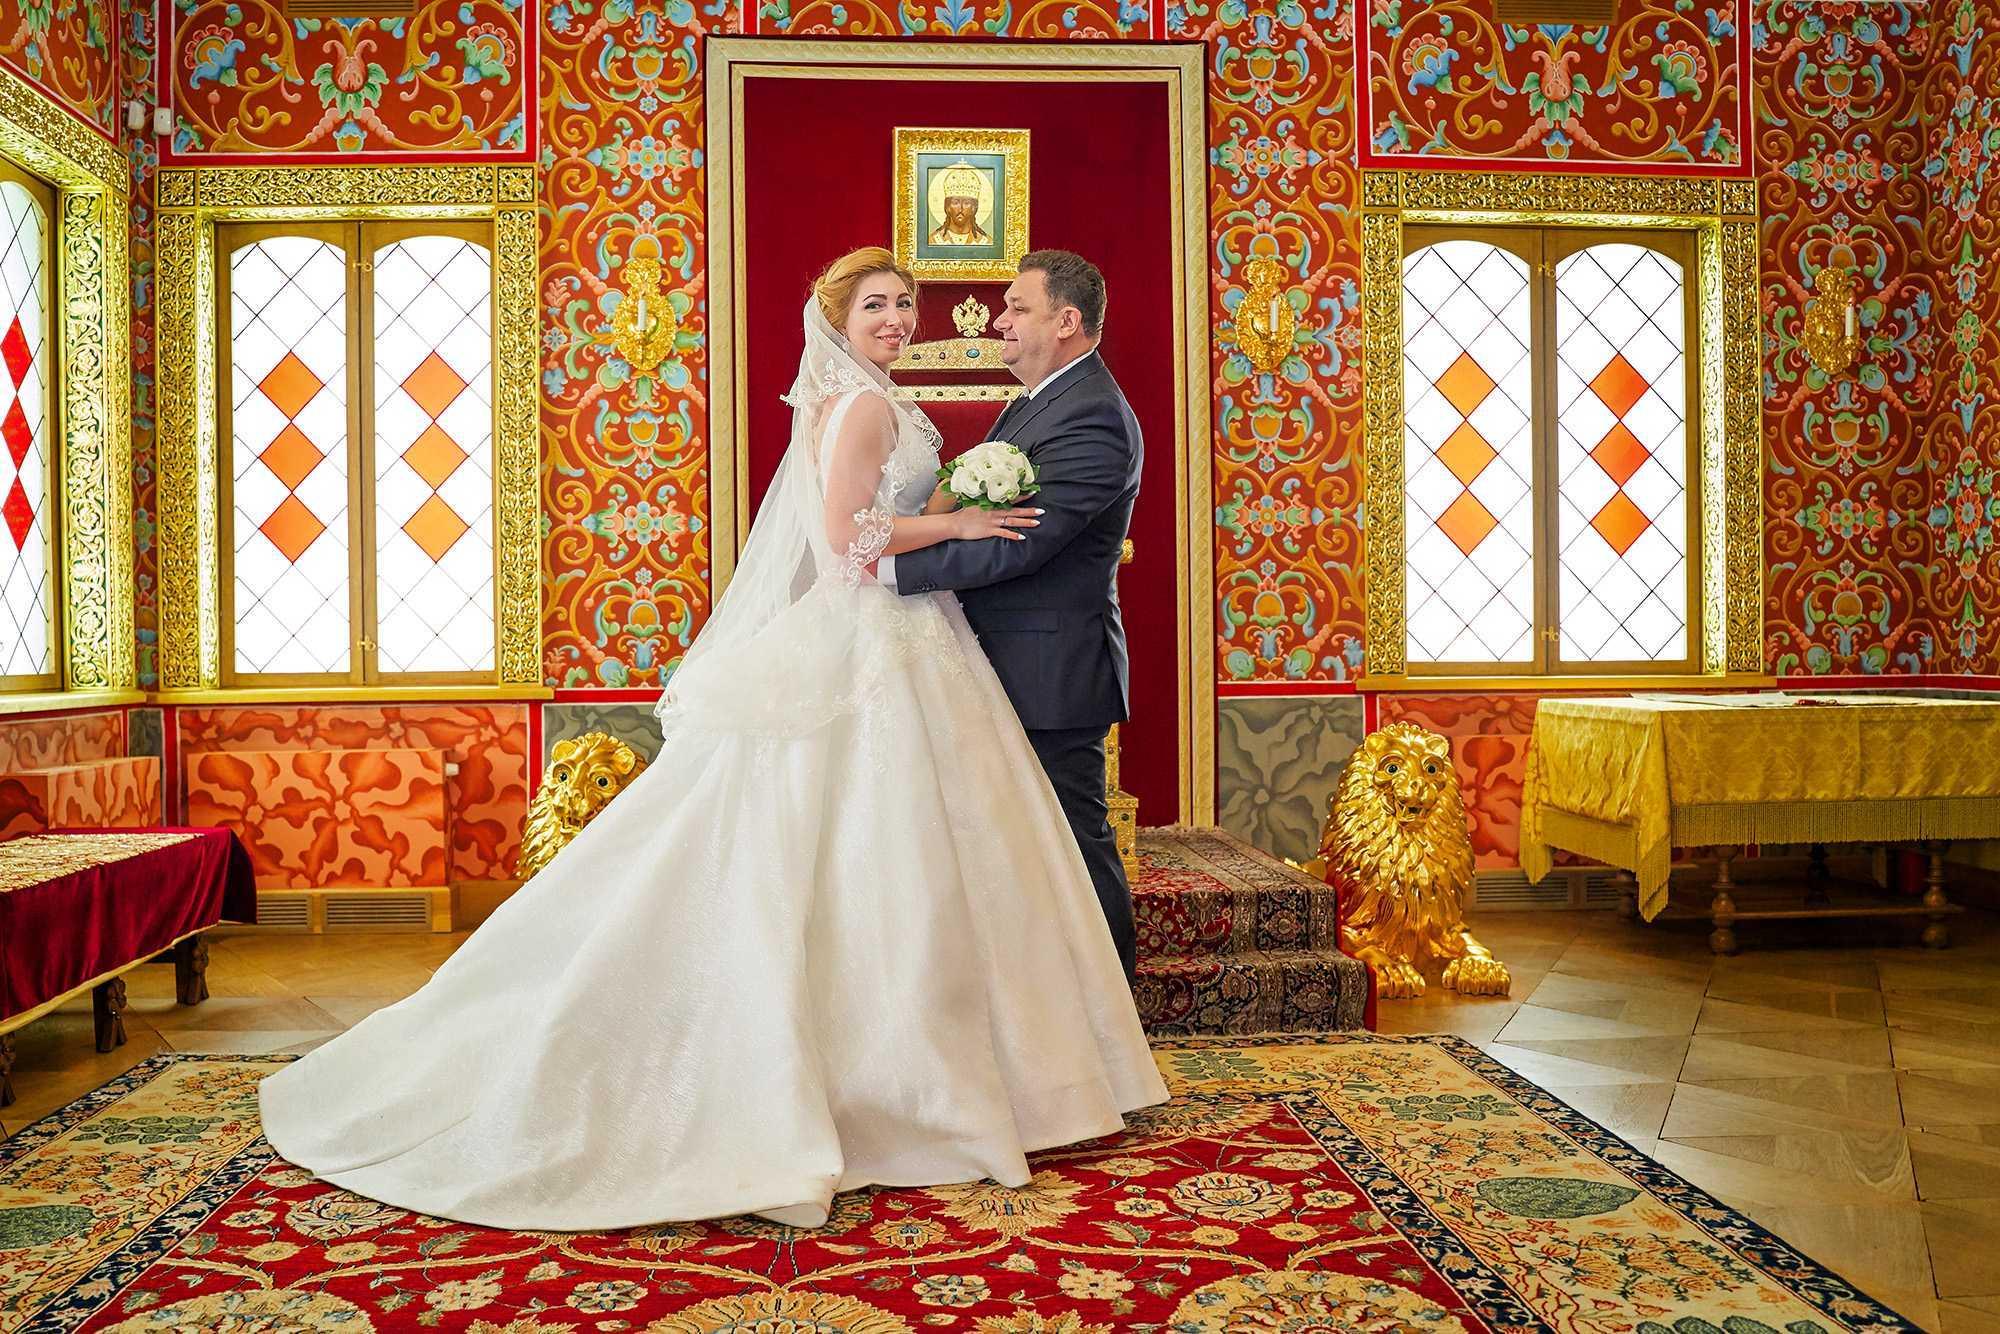 Свадьба во дворце Алексеей Михаловича в коломенском